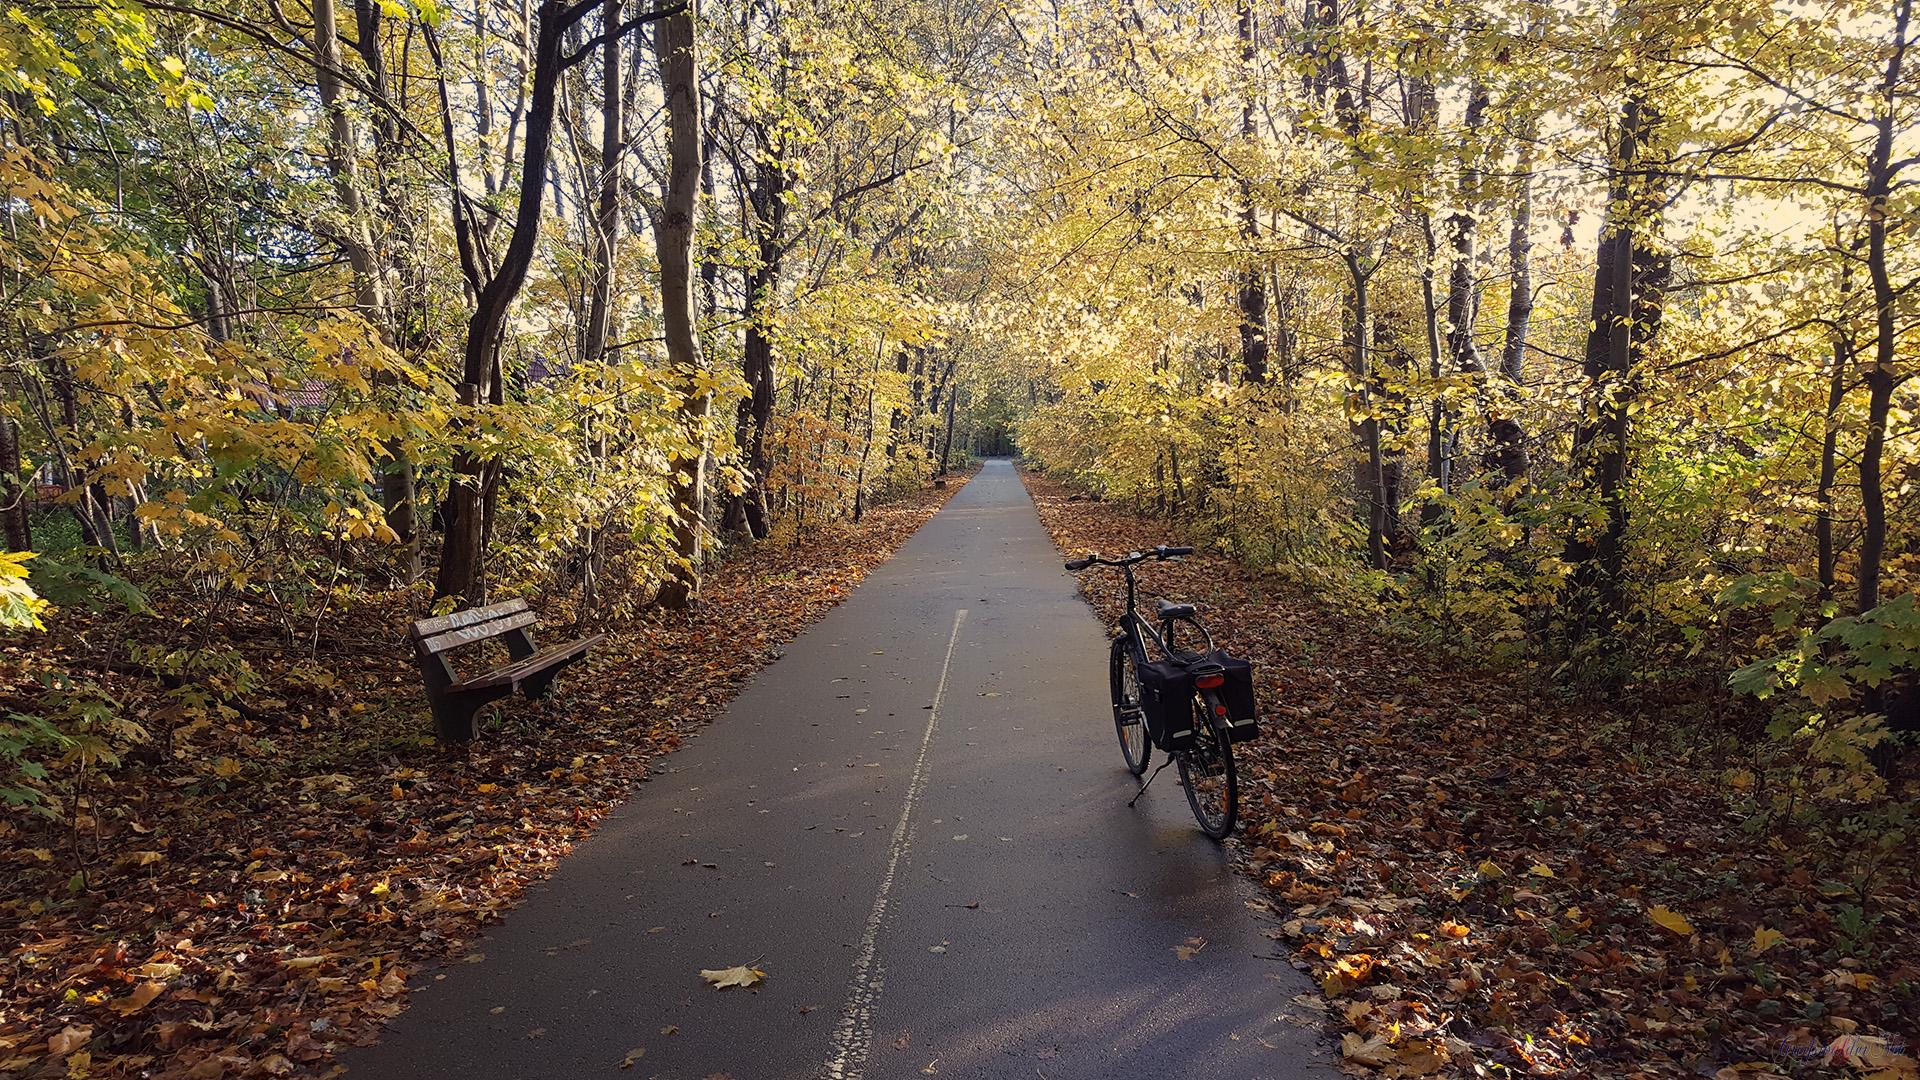 Herbststimmung in der Pappelallee in Greifswald